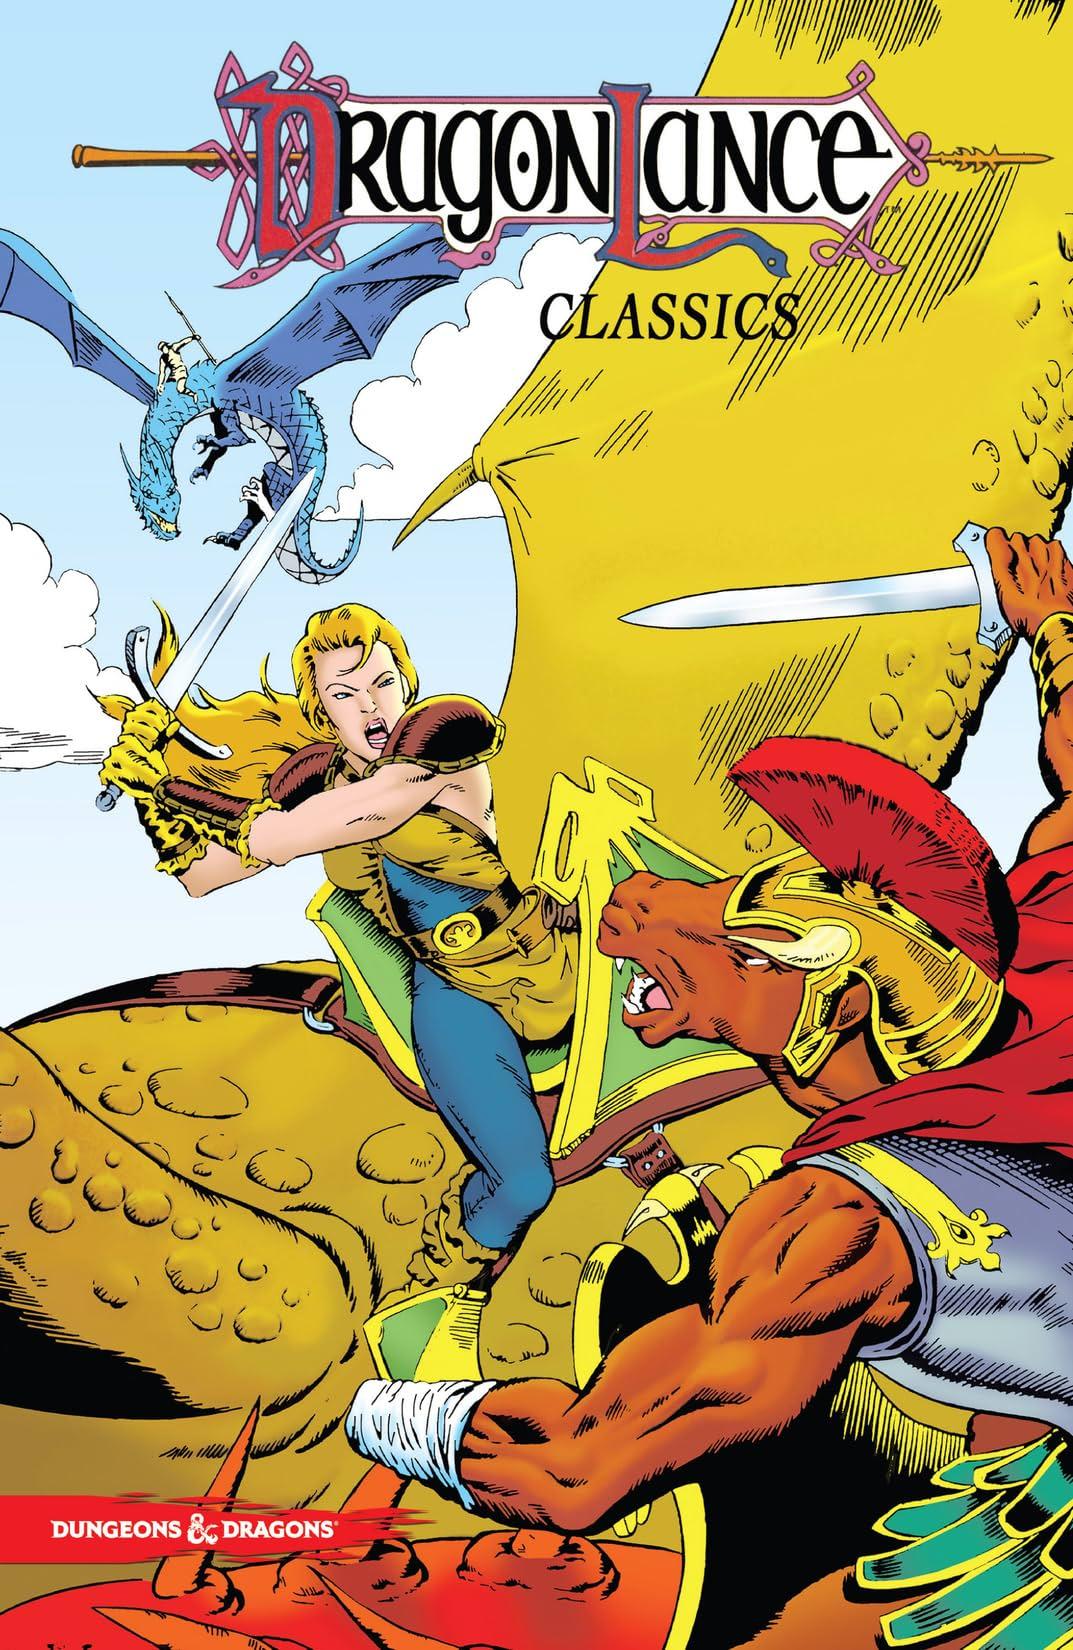 Dragonlance Classics Vol. 3